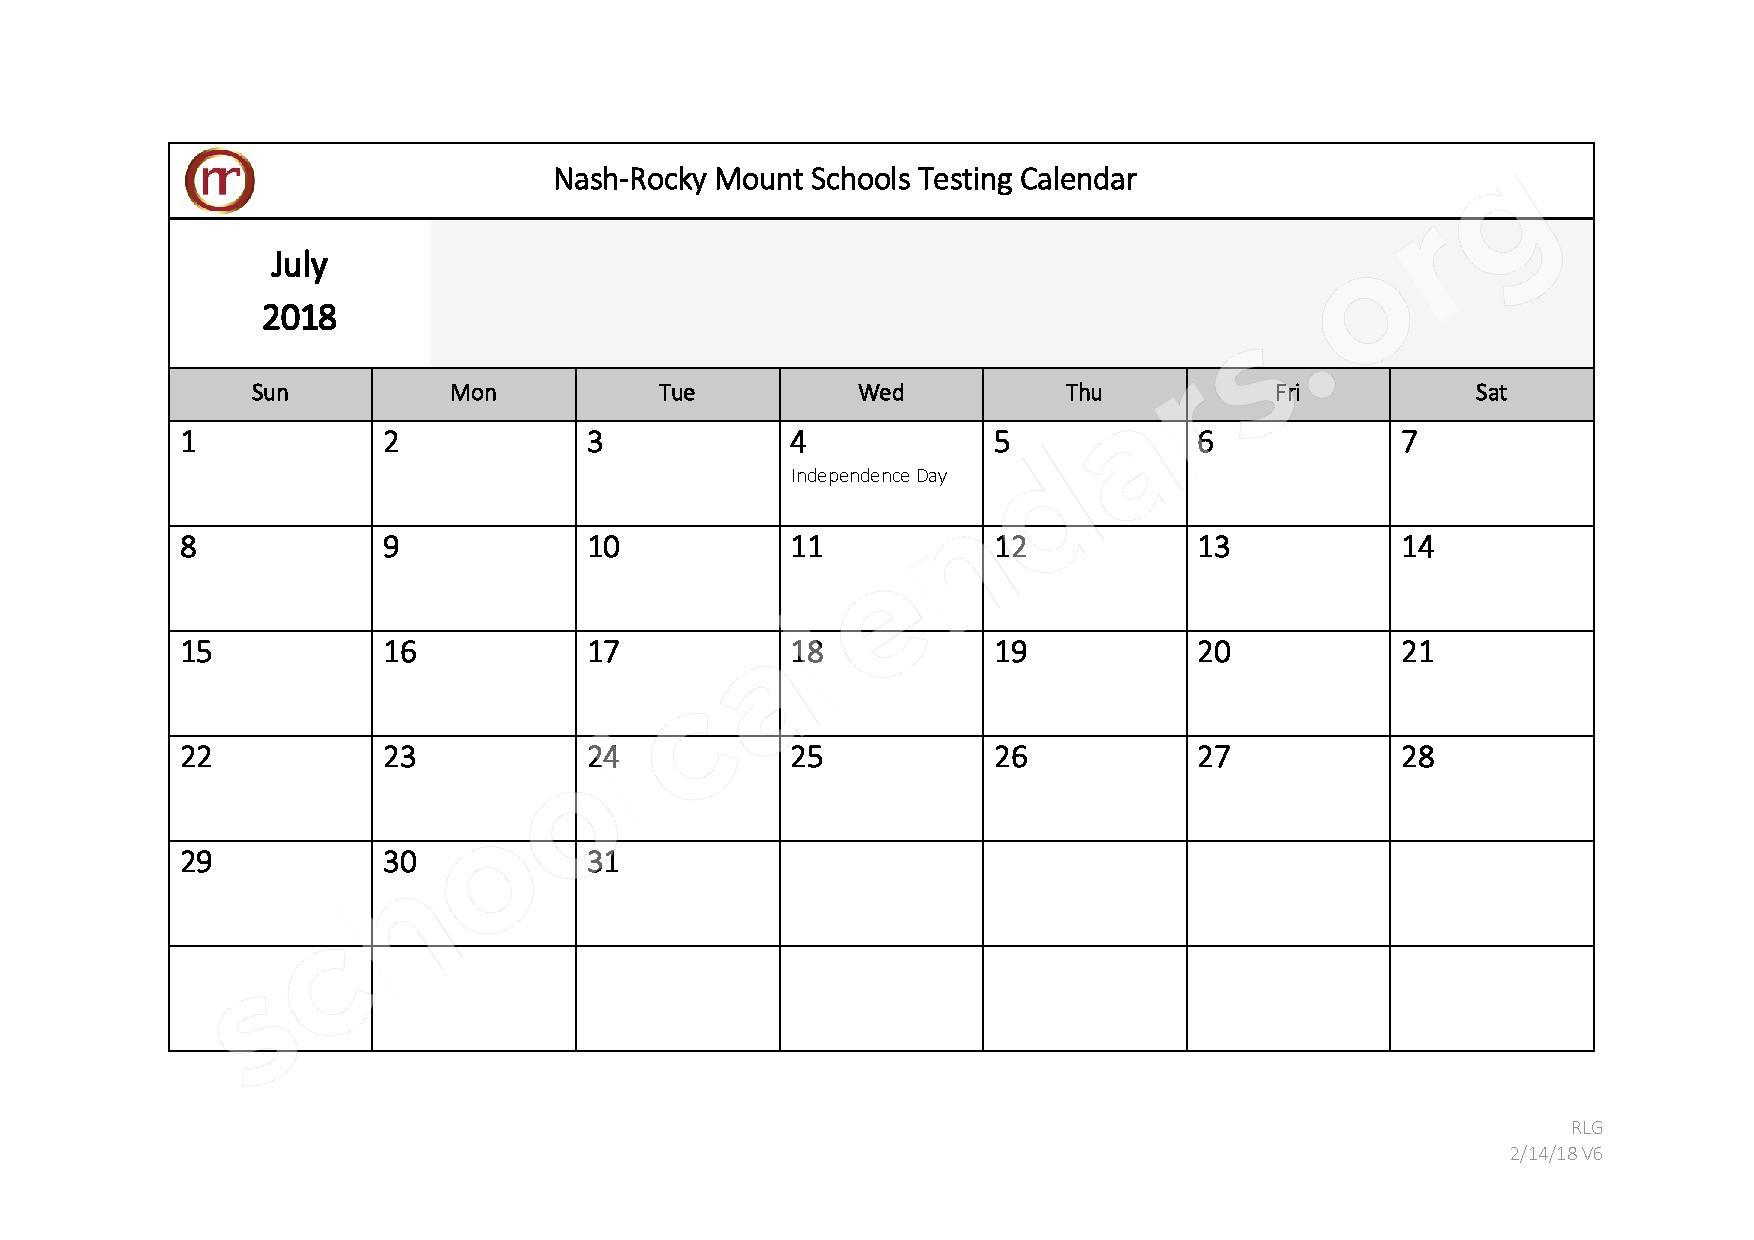 2017 - 2018 Testing Calendar – Nash-Rocky Mount Public Schools – page 12